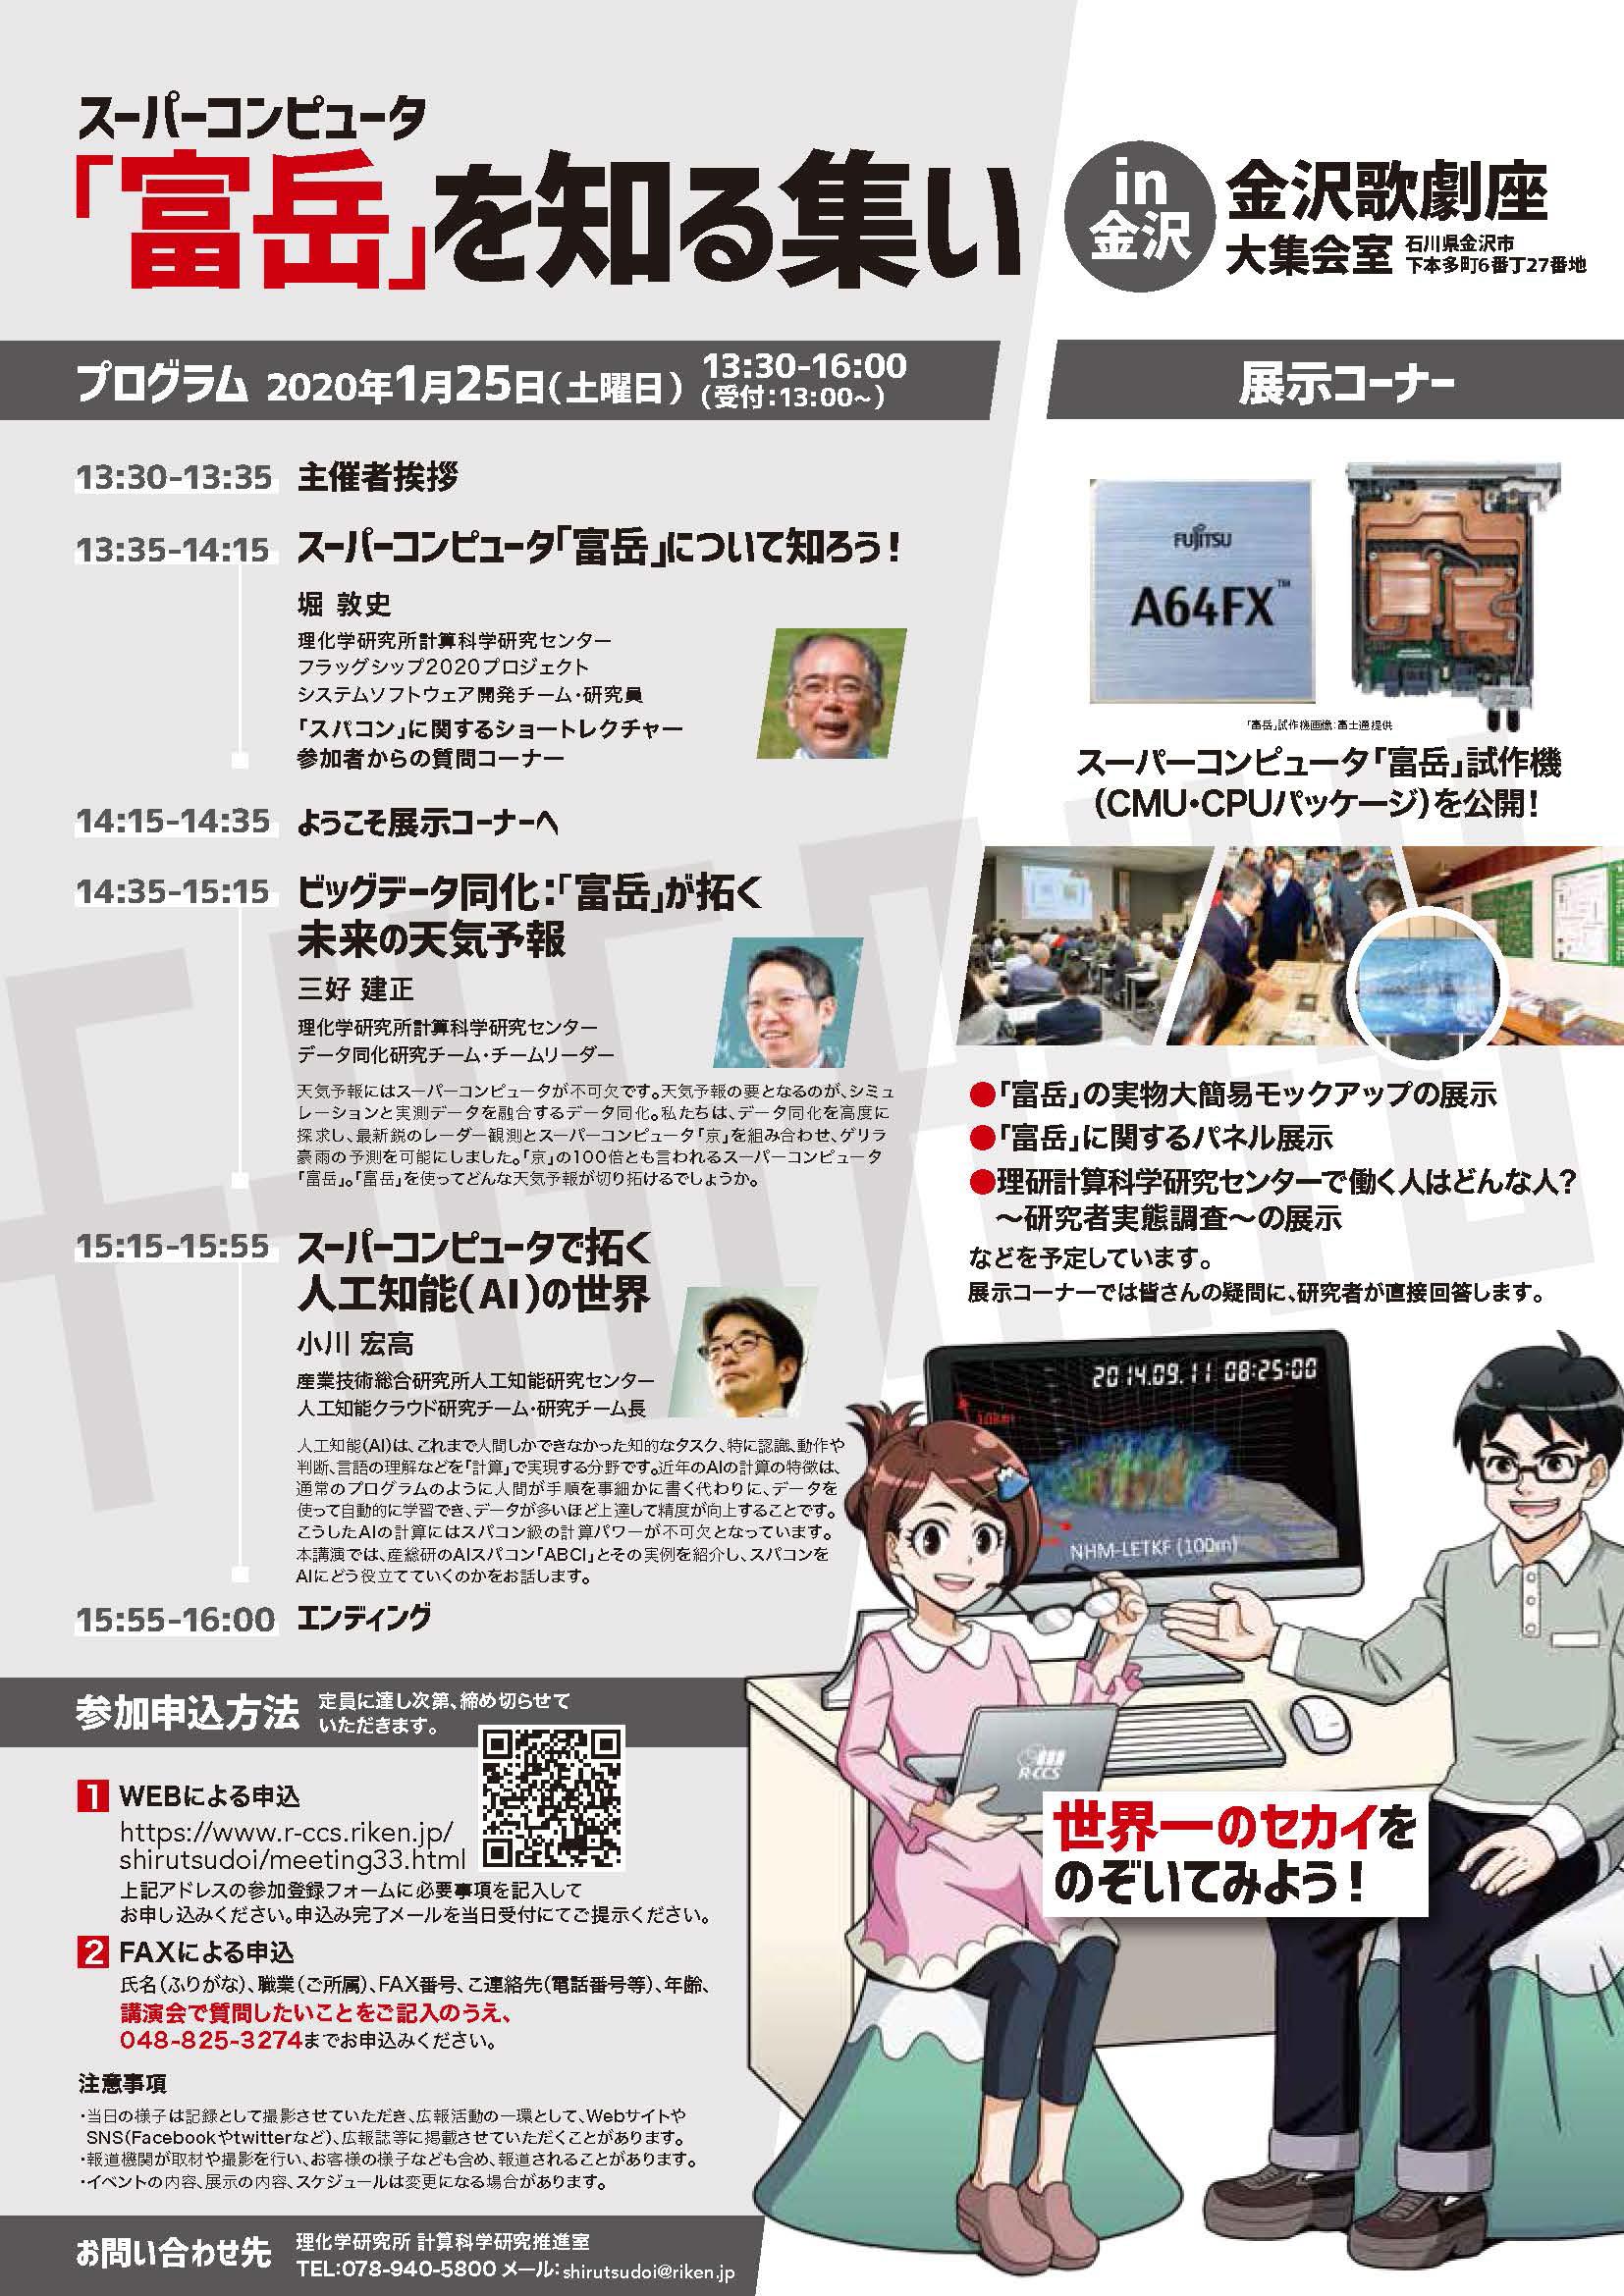 スーパーコンピュータ「富岳」を知る集い in 金沢 フライヤー裏